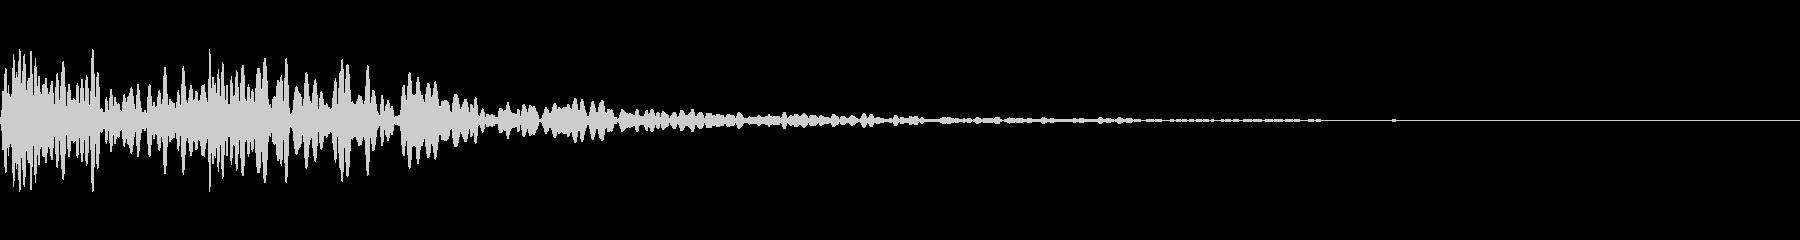 ドックン(心臓、心音、鼓動)の未再生の波形